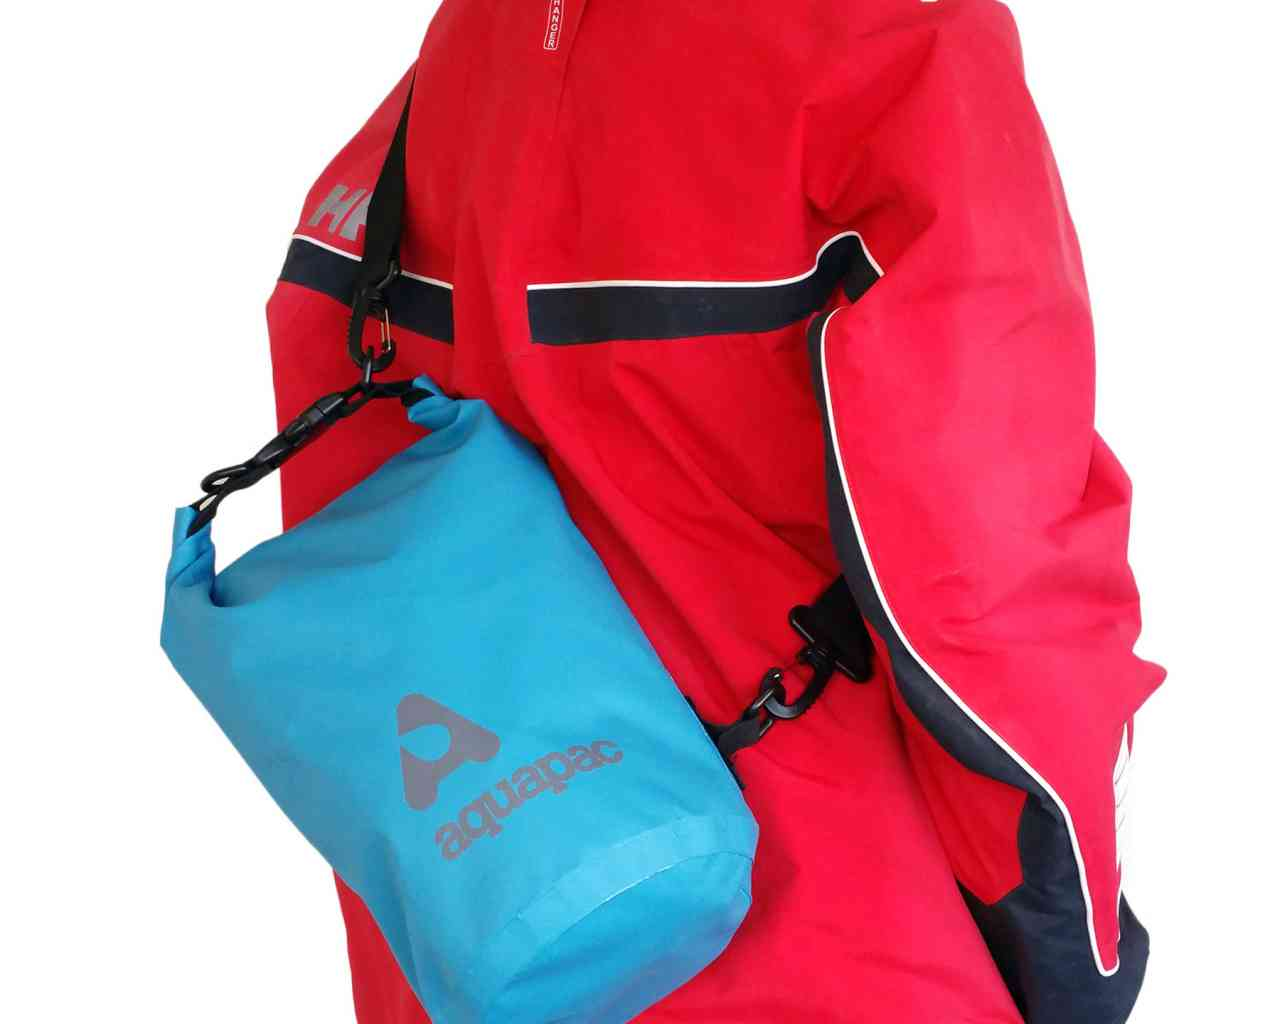 Водонепроницаемый гермомешок (с плечевым ремнем) Aquapac 732 - TrailProof™ Drybag – 7L with shoulder strap.. Aquapac - №1 в мире водонепроницаемых чехлов и сумок. Фото 2